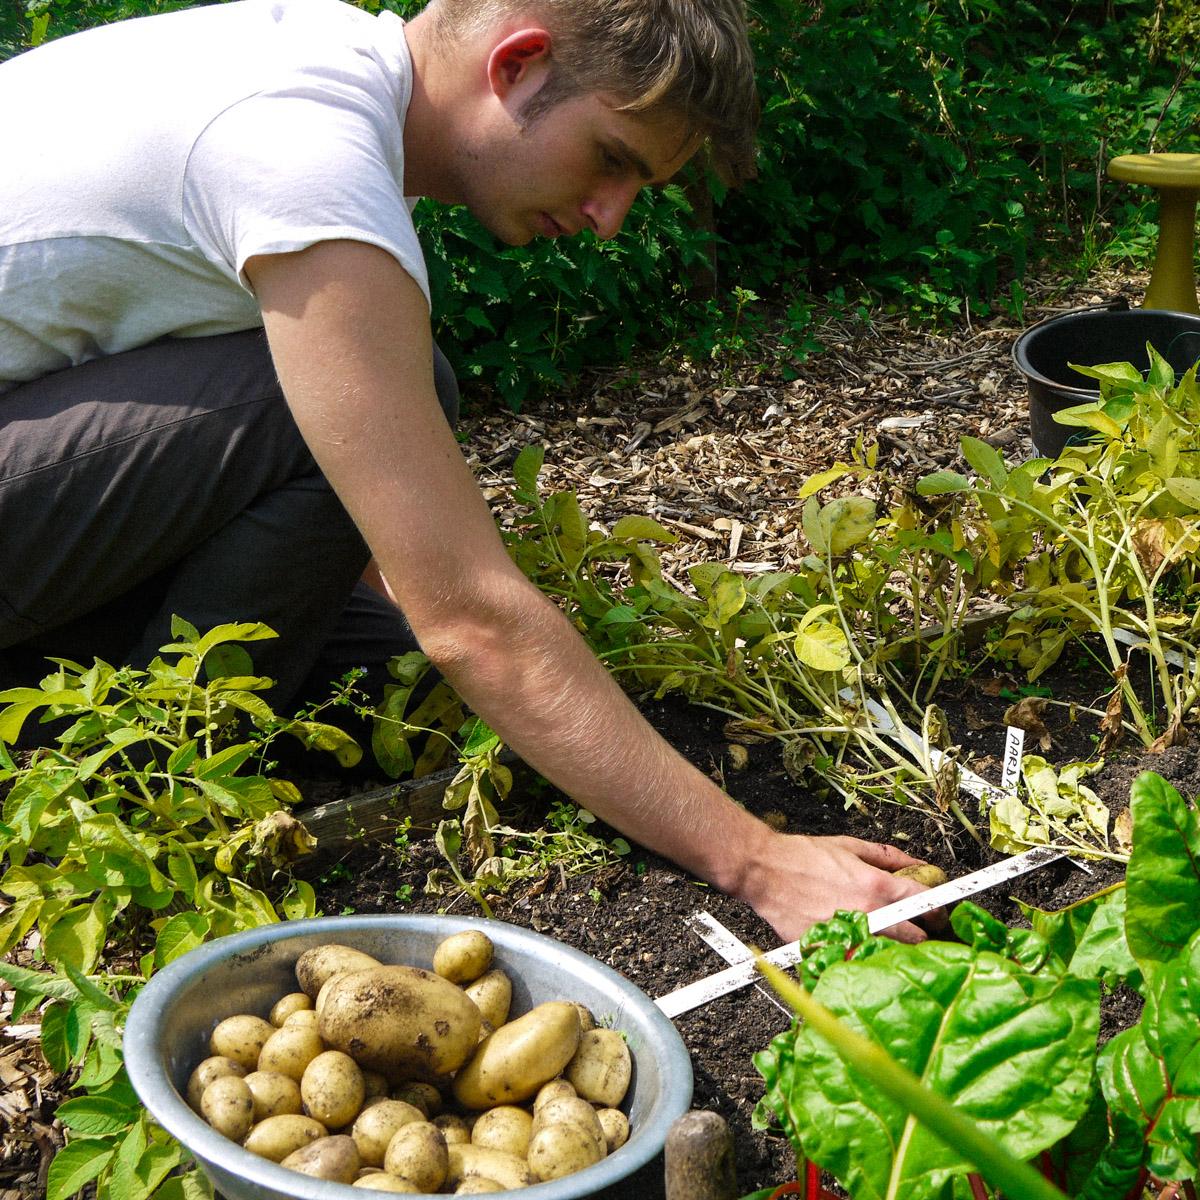 blog-july:-summer-in-the-veg-garden8.jpg